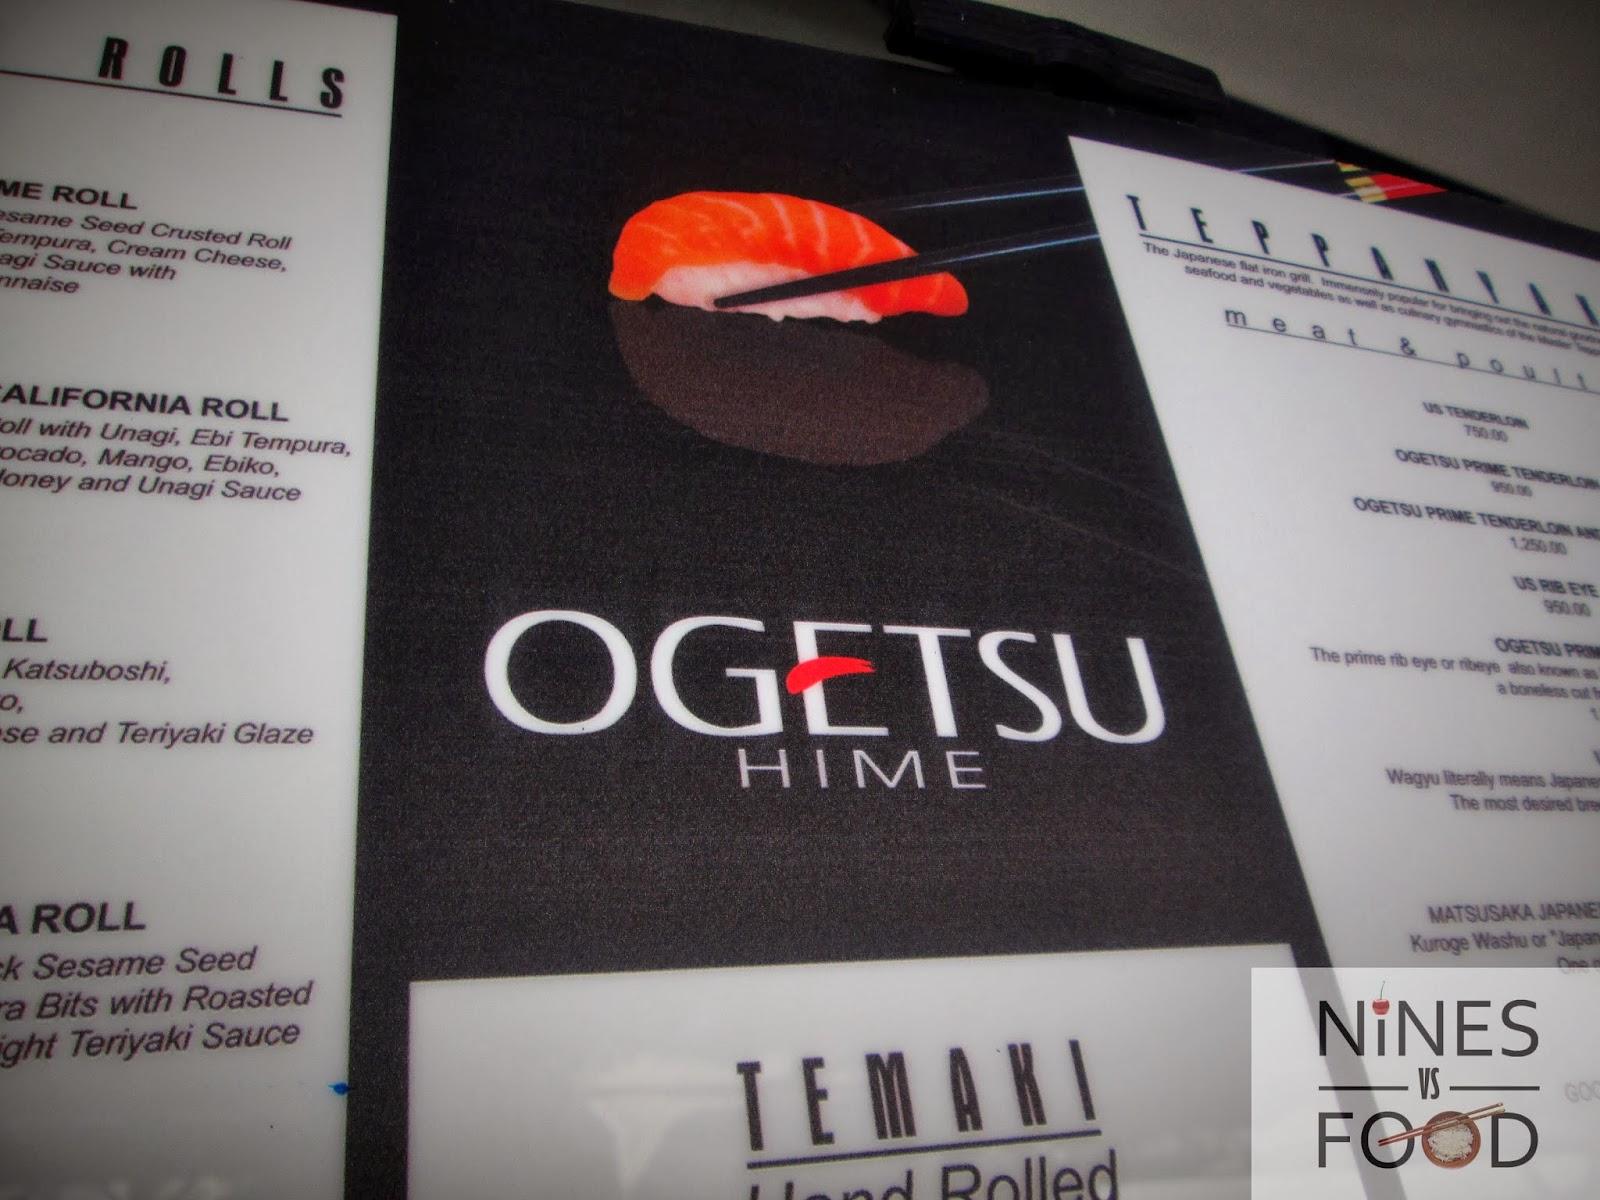 Nines vs. Food - Ogetsu Hime SM Aura Taguig-1.jpg